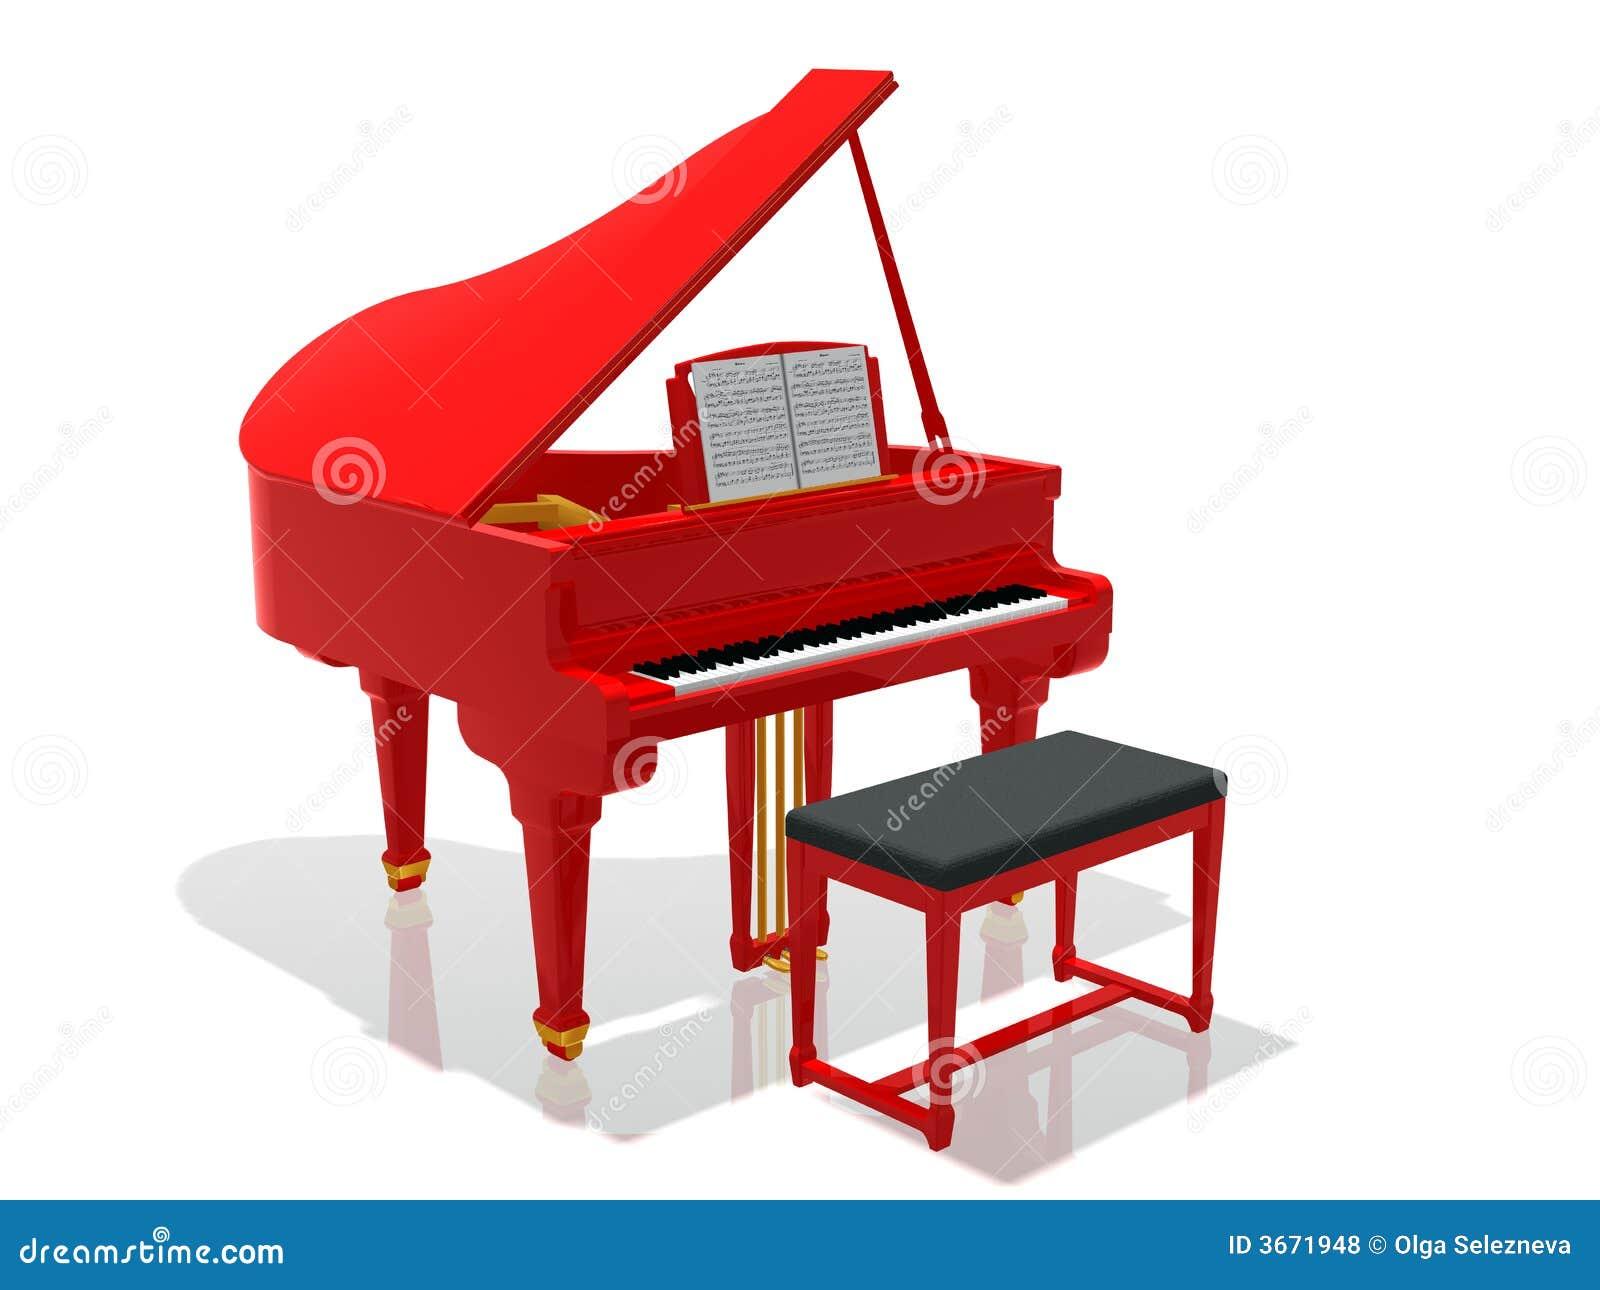 Red grand piano stock illustration. Image of percussive ...